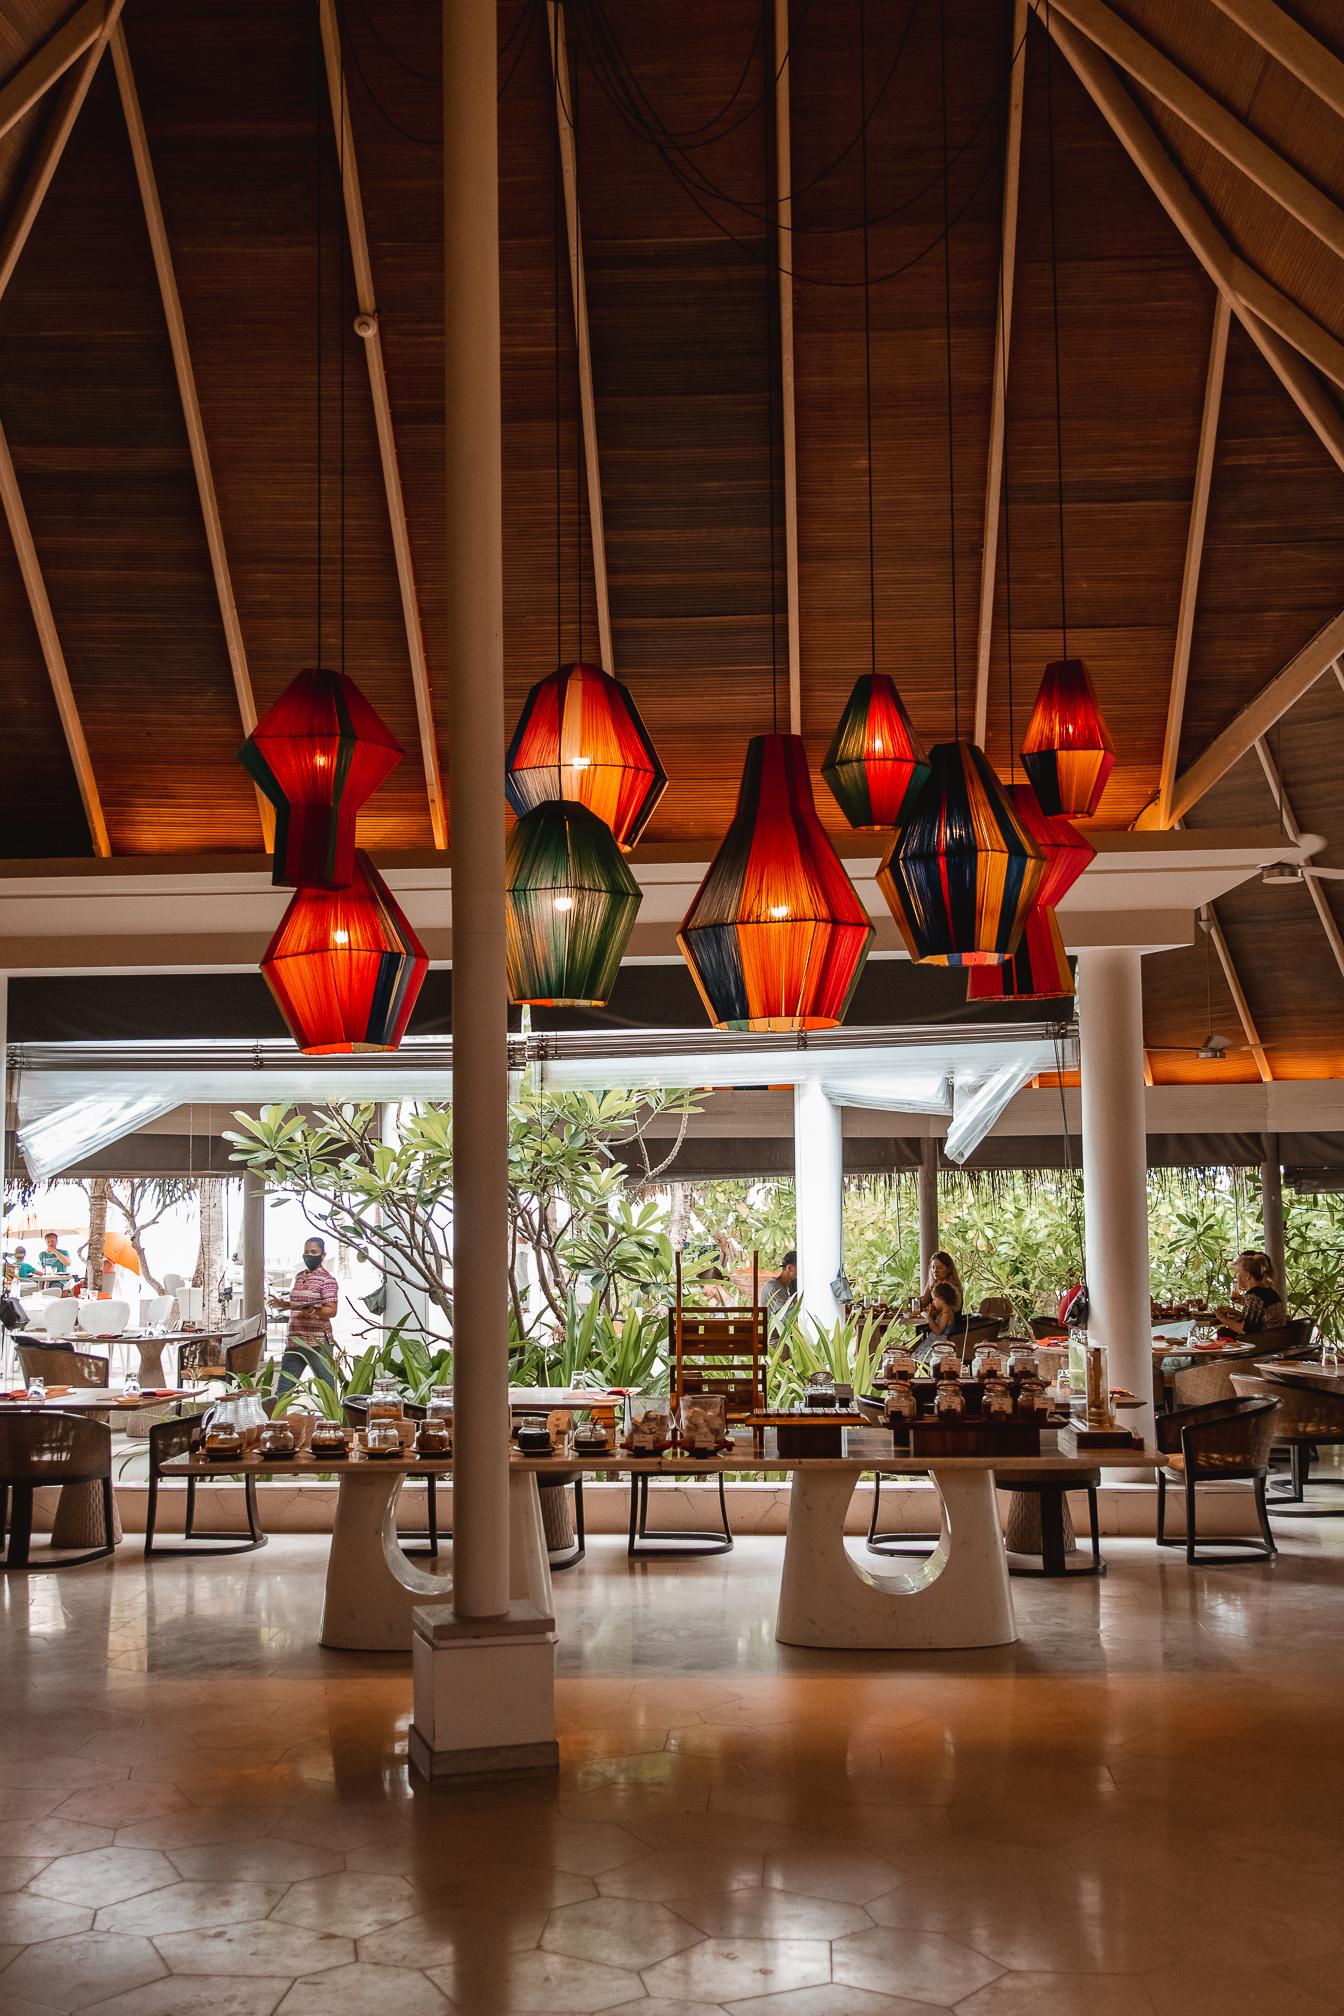 restaurante hotel maldivas